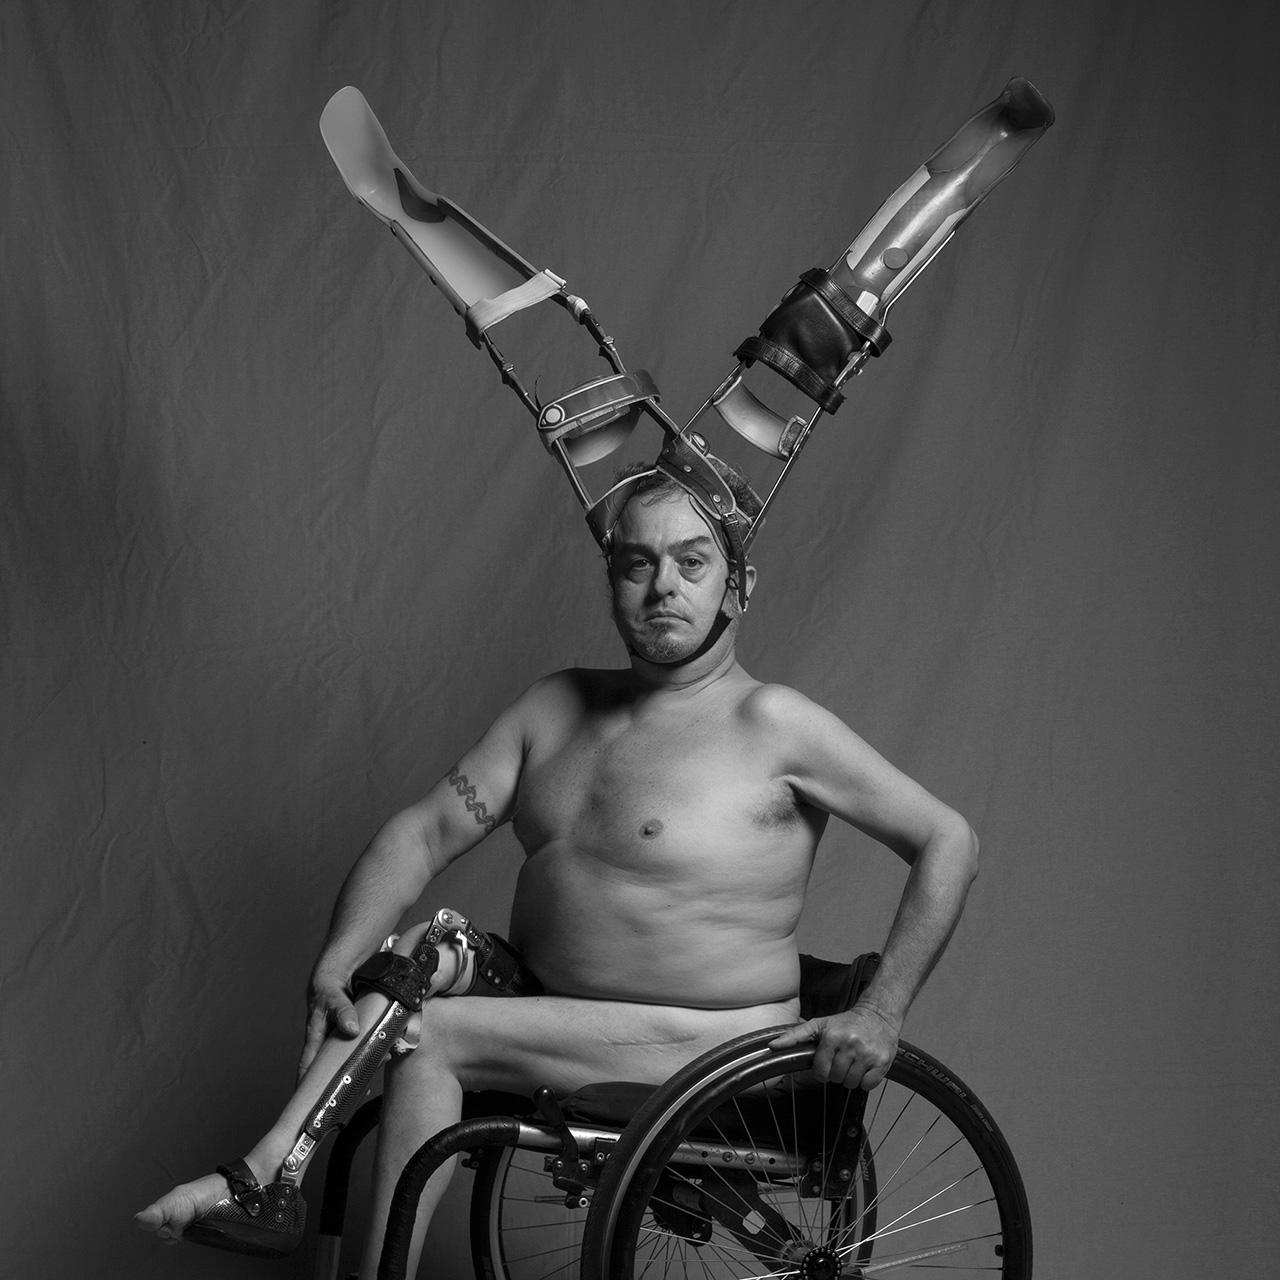 El Cuerpo Es Una Ilusión - Por Carlos Escolástico